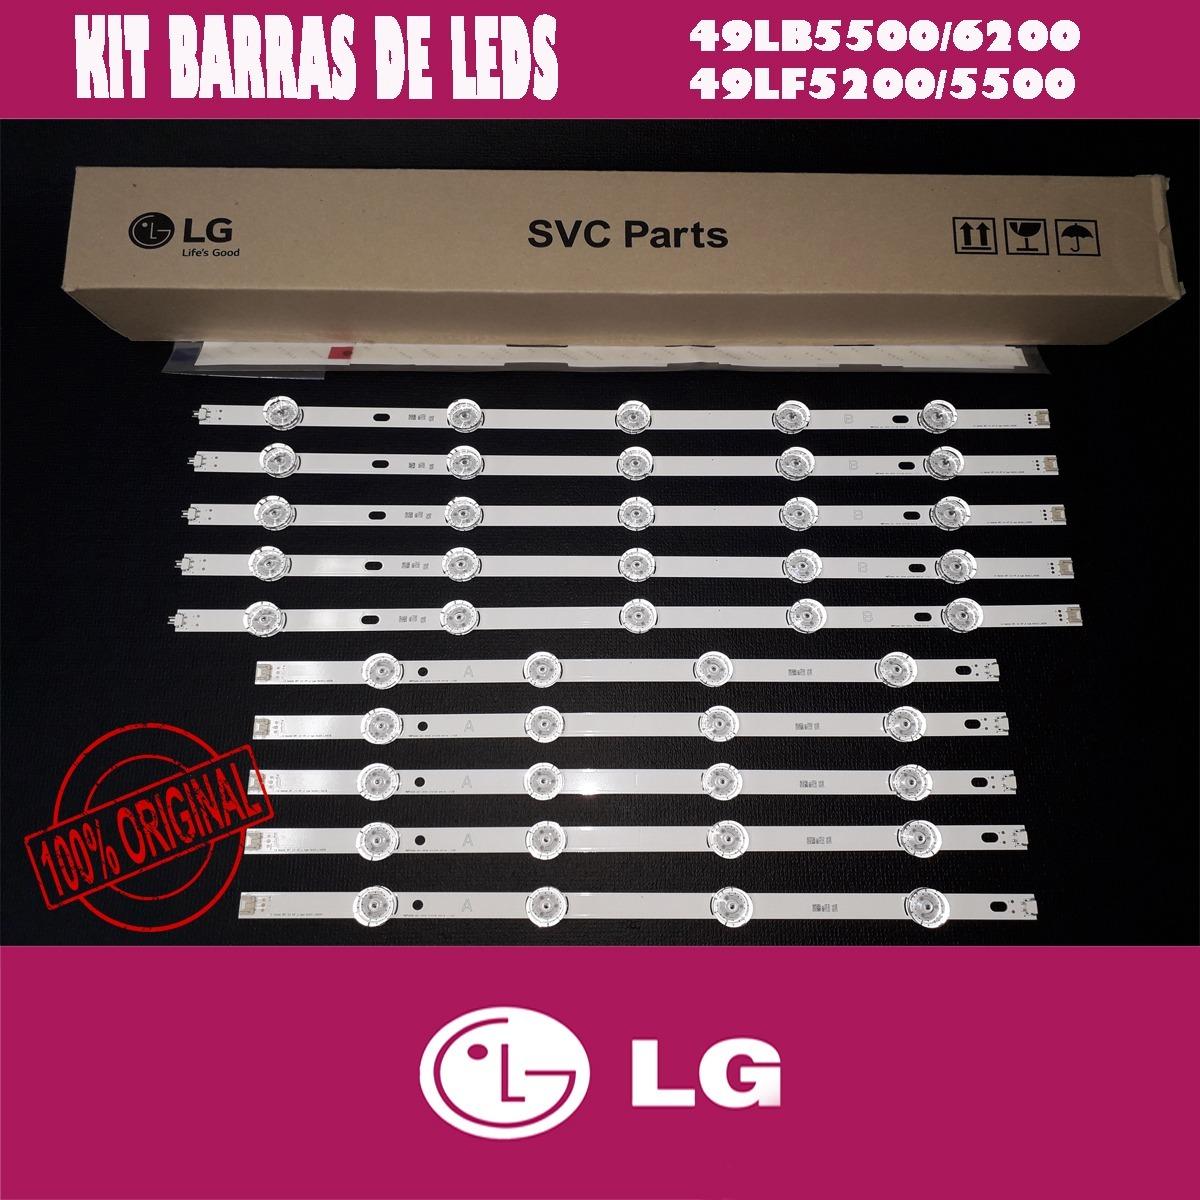 1361c8cc4 kit barras de leds tv lg 49lb6200 49lb5500 49lf5500 49lf5200. Carregando  zoom.